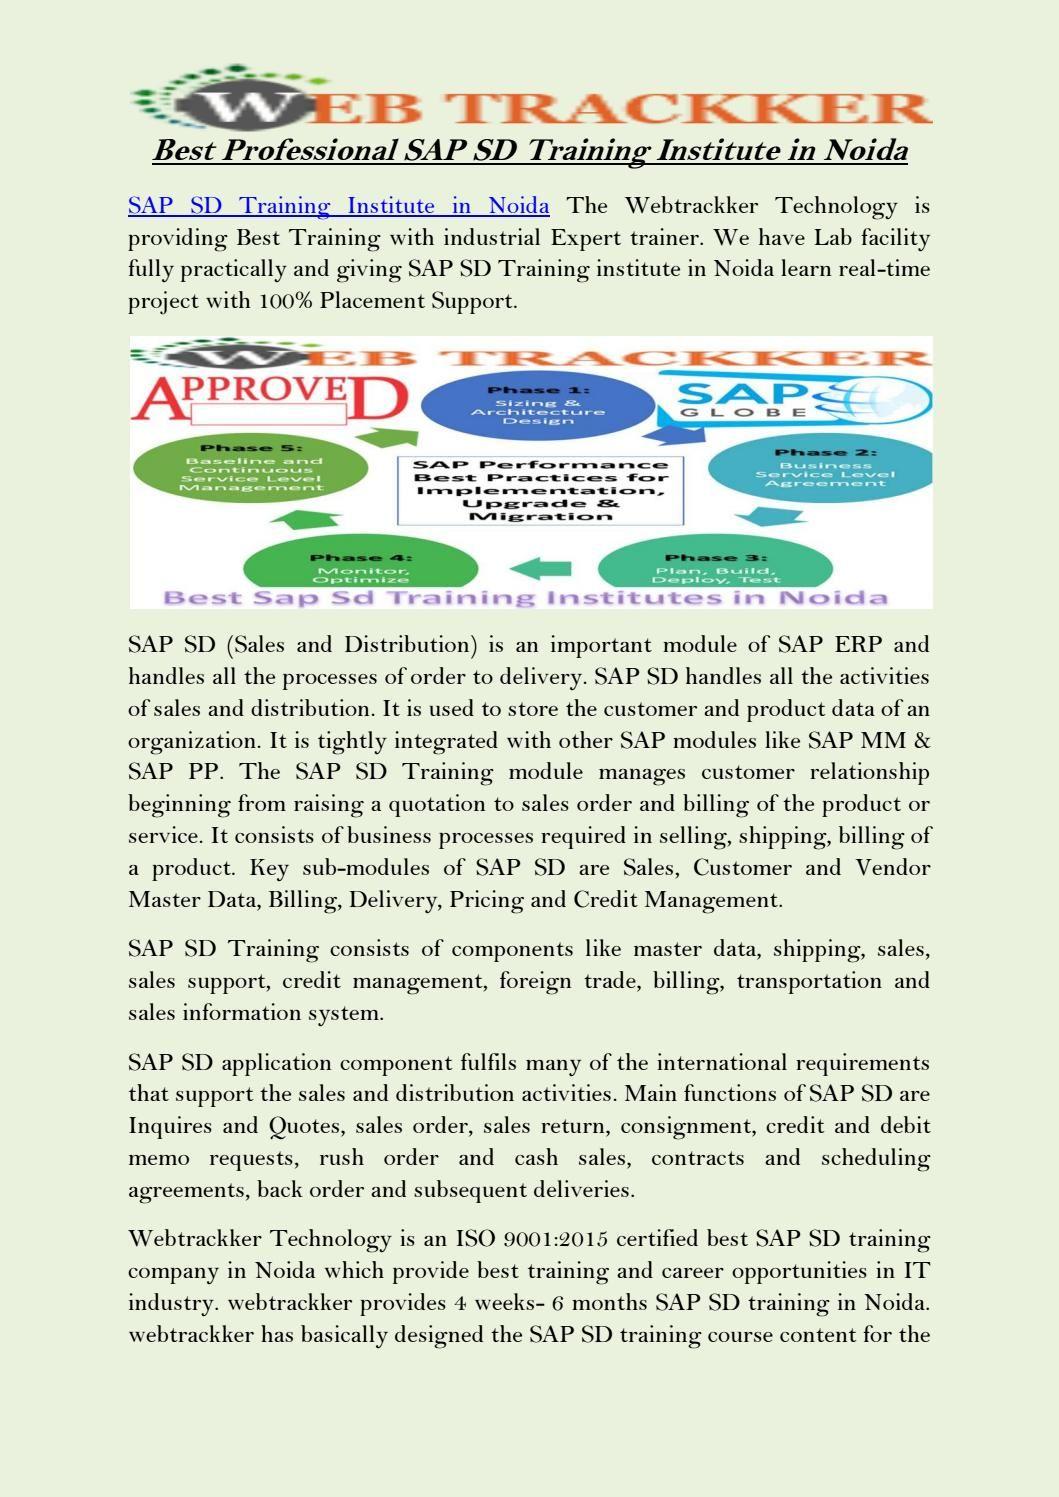 best professional sap sd training institute in noida [ 1059 x 1497 Pixel ]